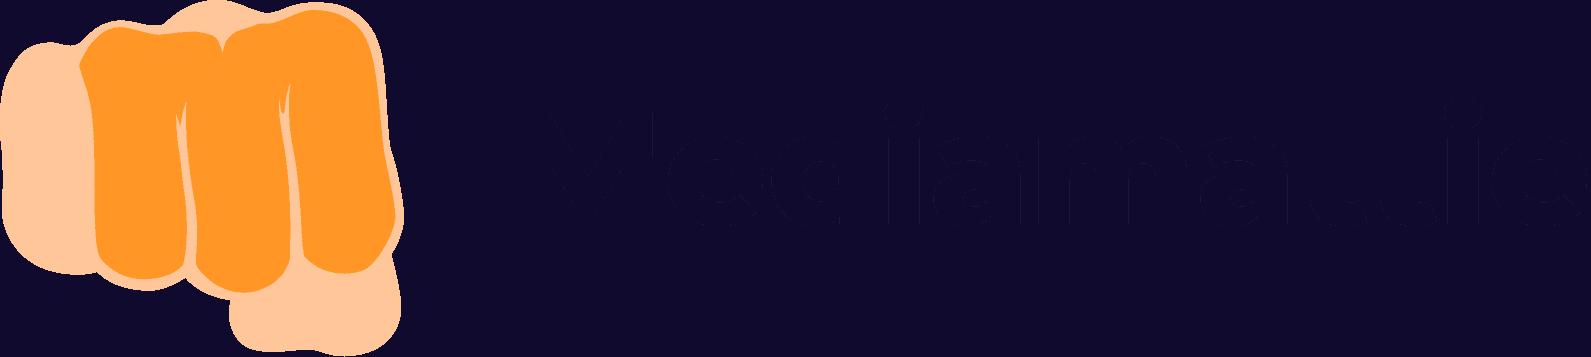 Mediamattie